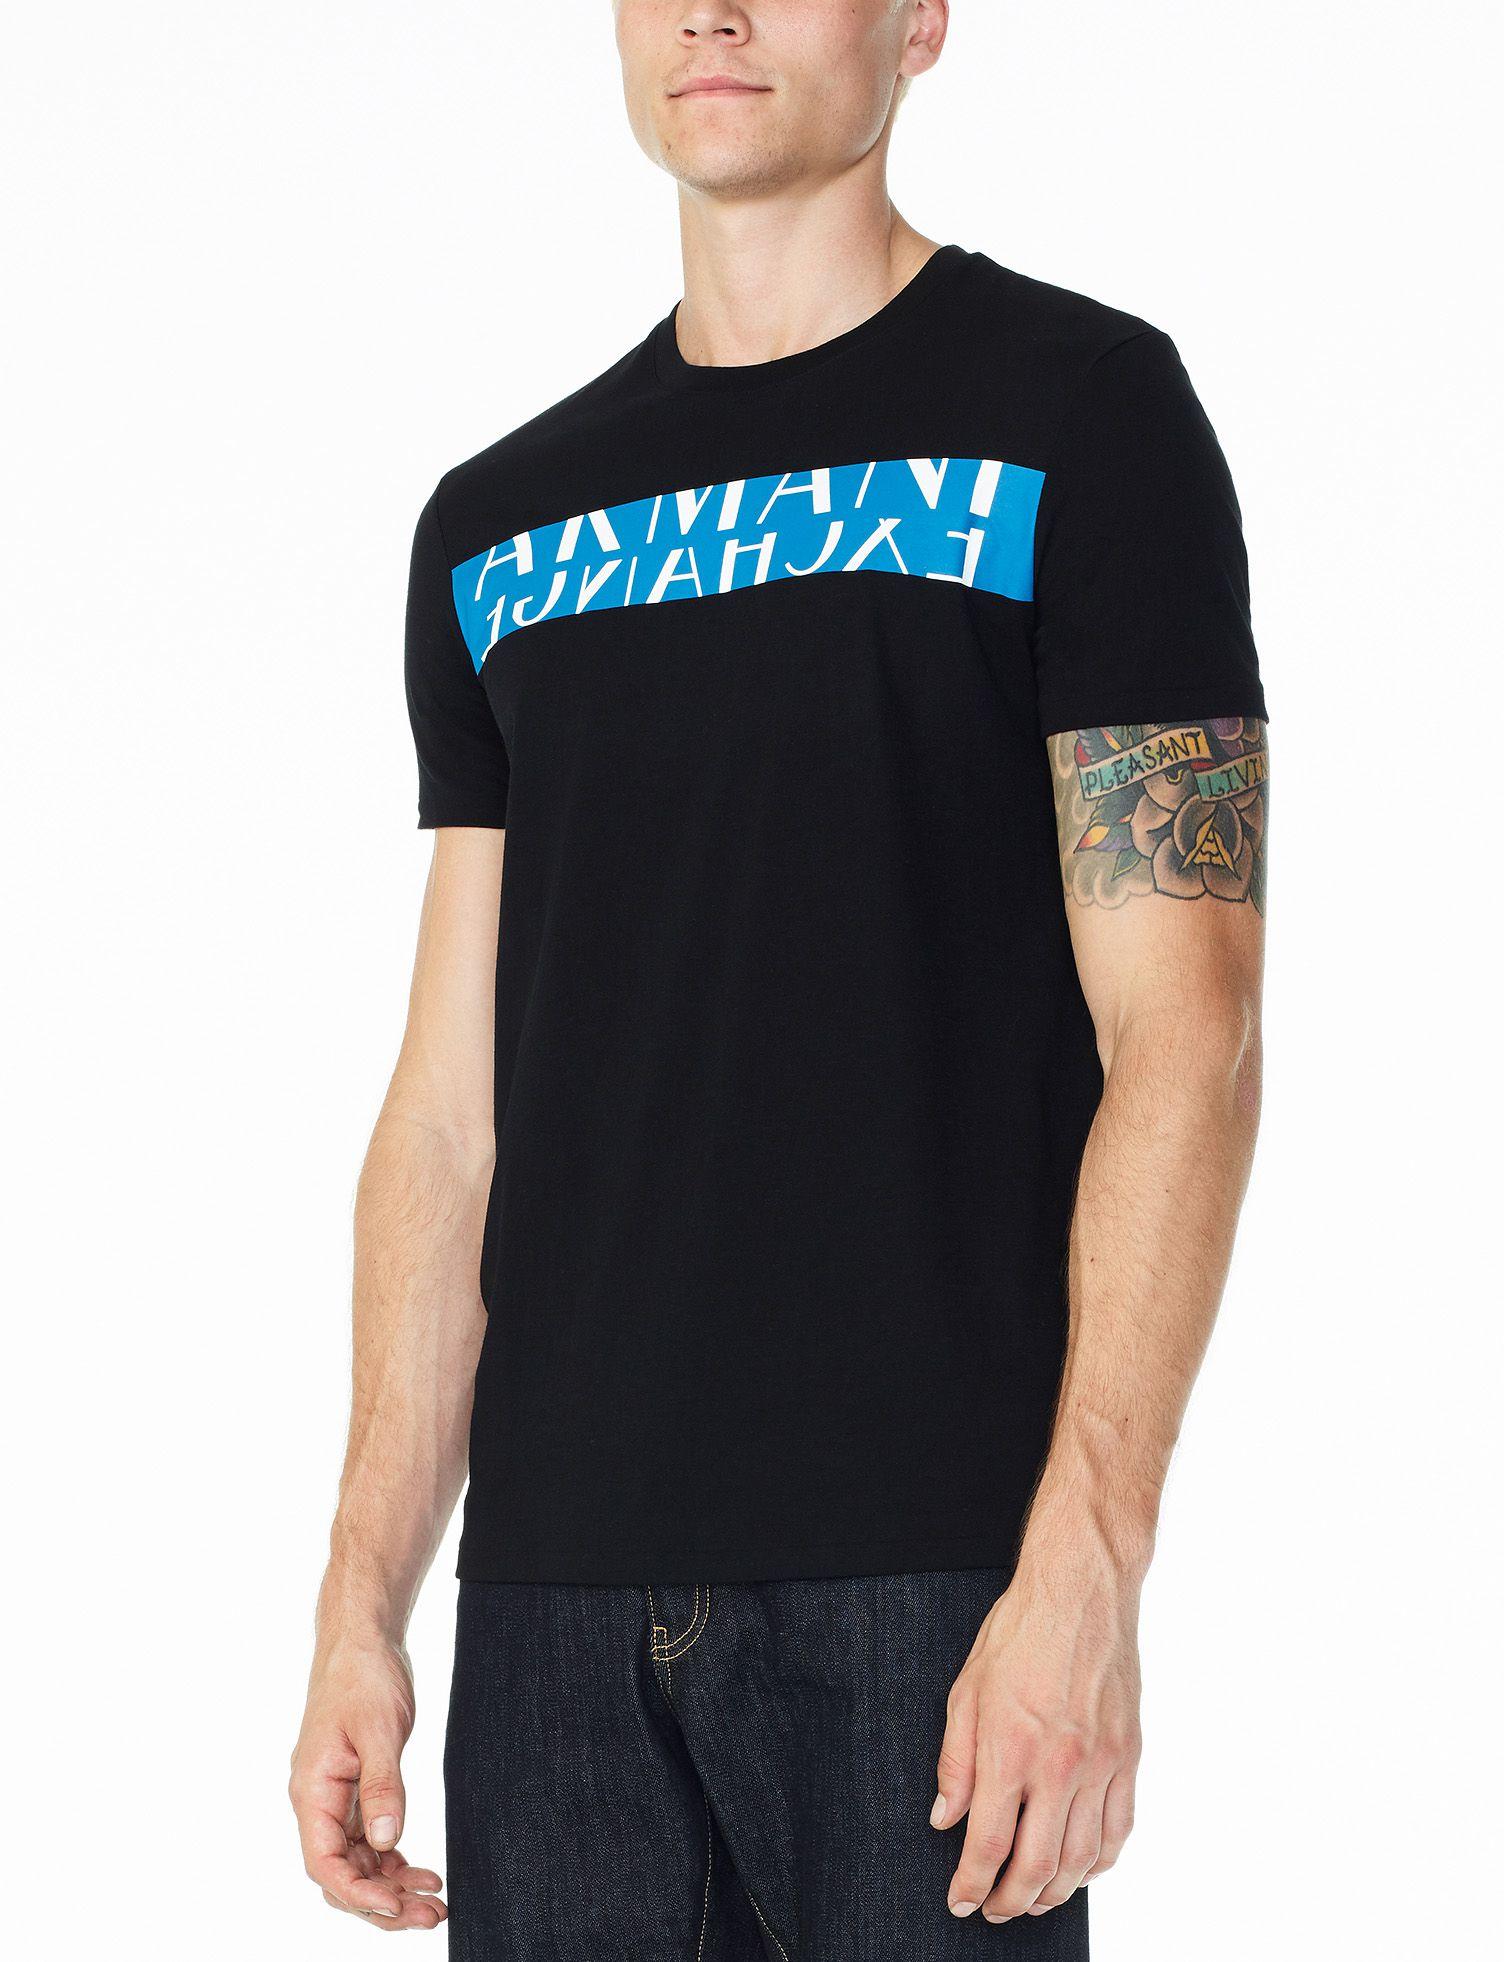 6d5b0707122 Camiseta Armani Exchange Preta - EuEnvio Importados  Relógios ...